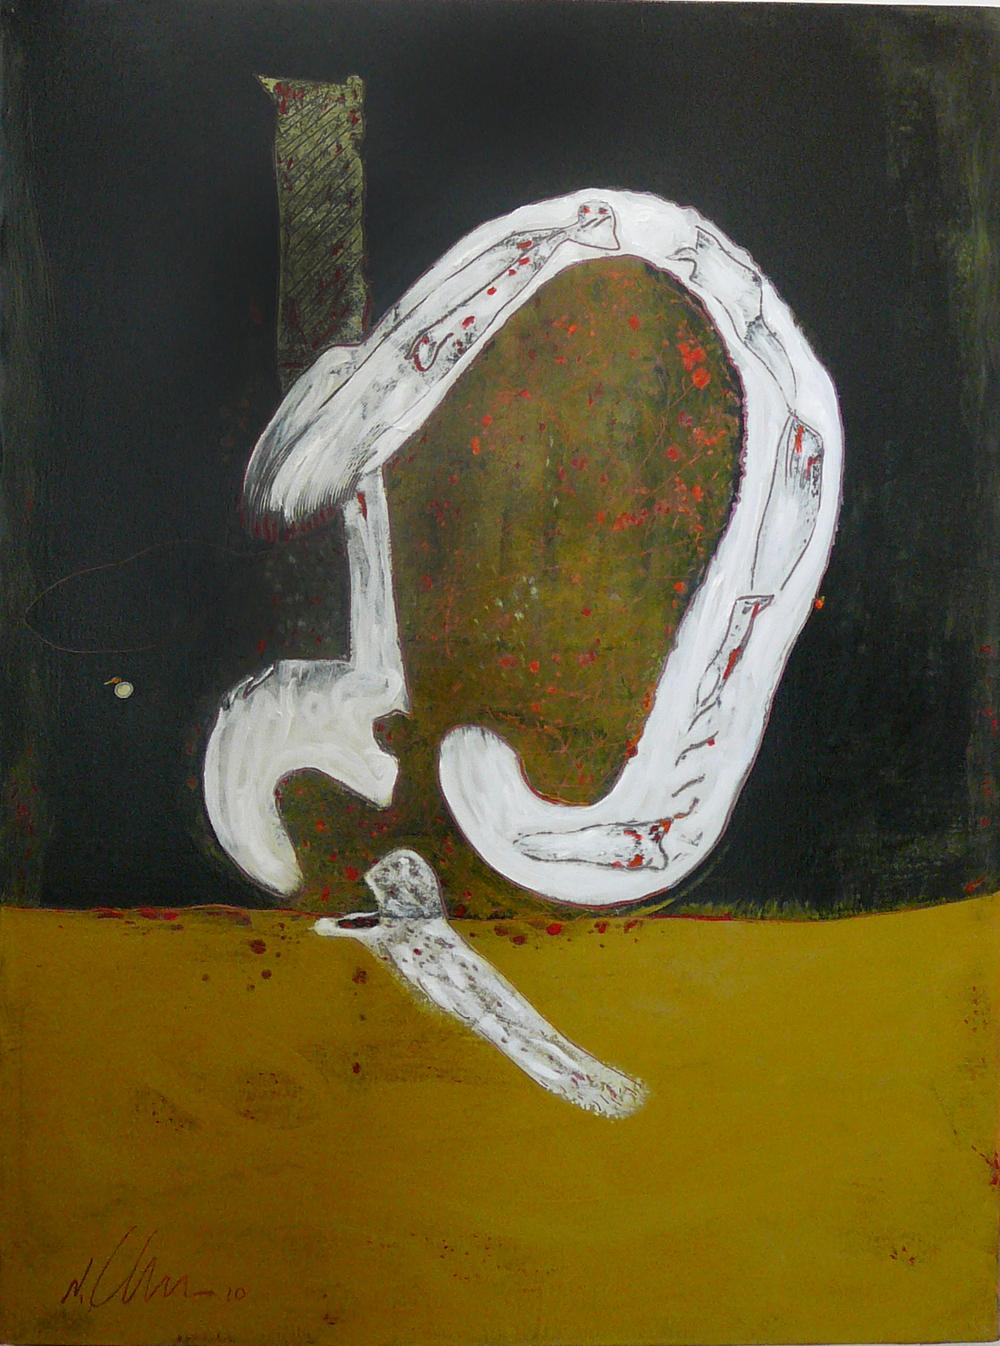 Unda, Serie Fotones, 107, 2010, 130 x 98 cm.jpg